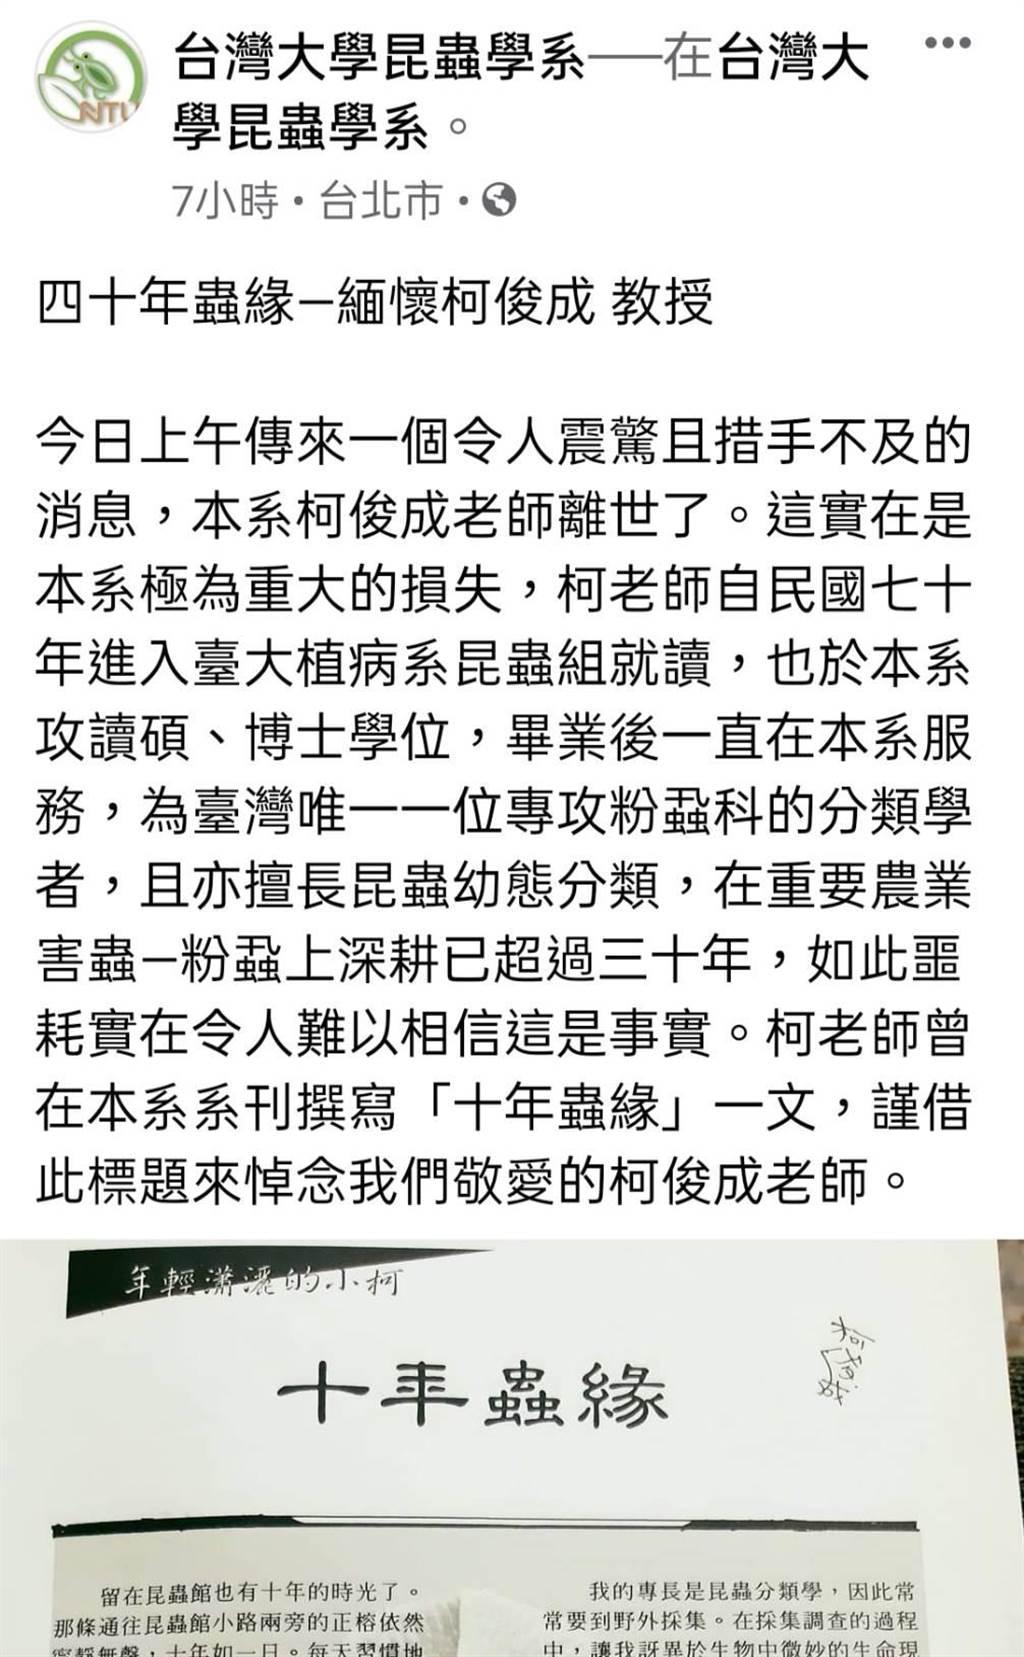 (摘自台大昆蟲系臉書粉專)